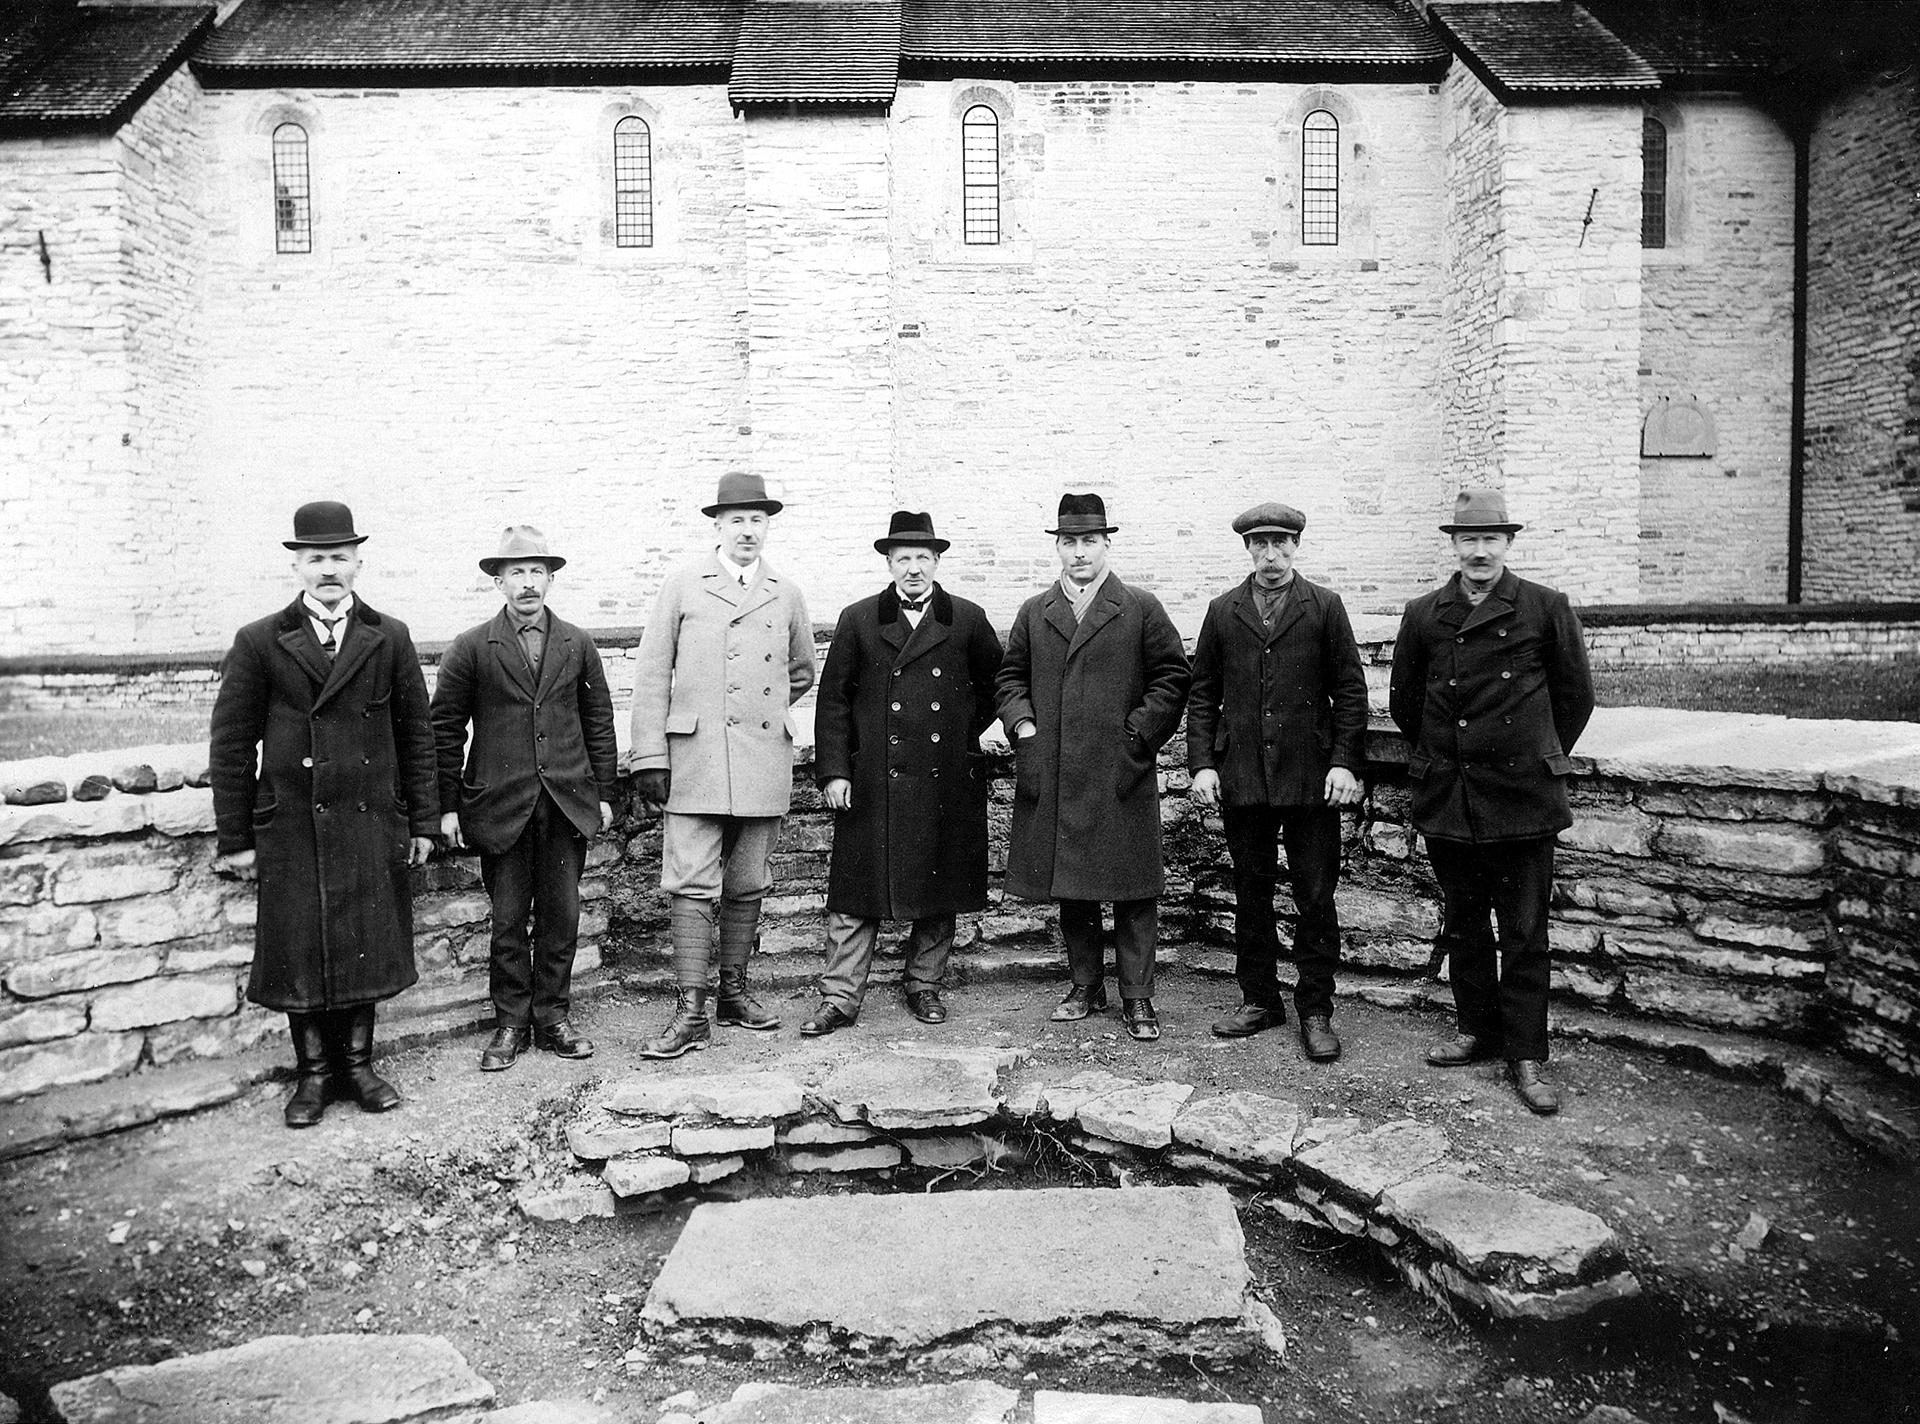 Sju män står framför en låg mur. Fotot är taget på 1920-talet.